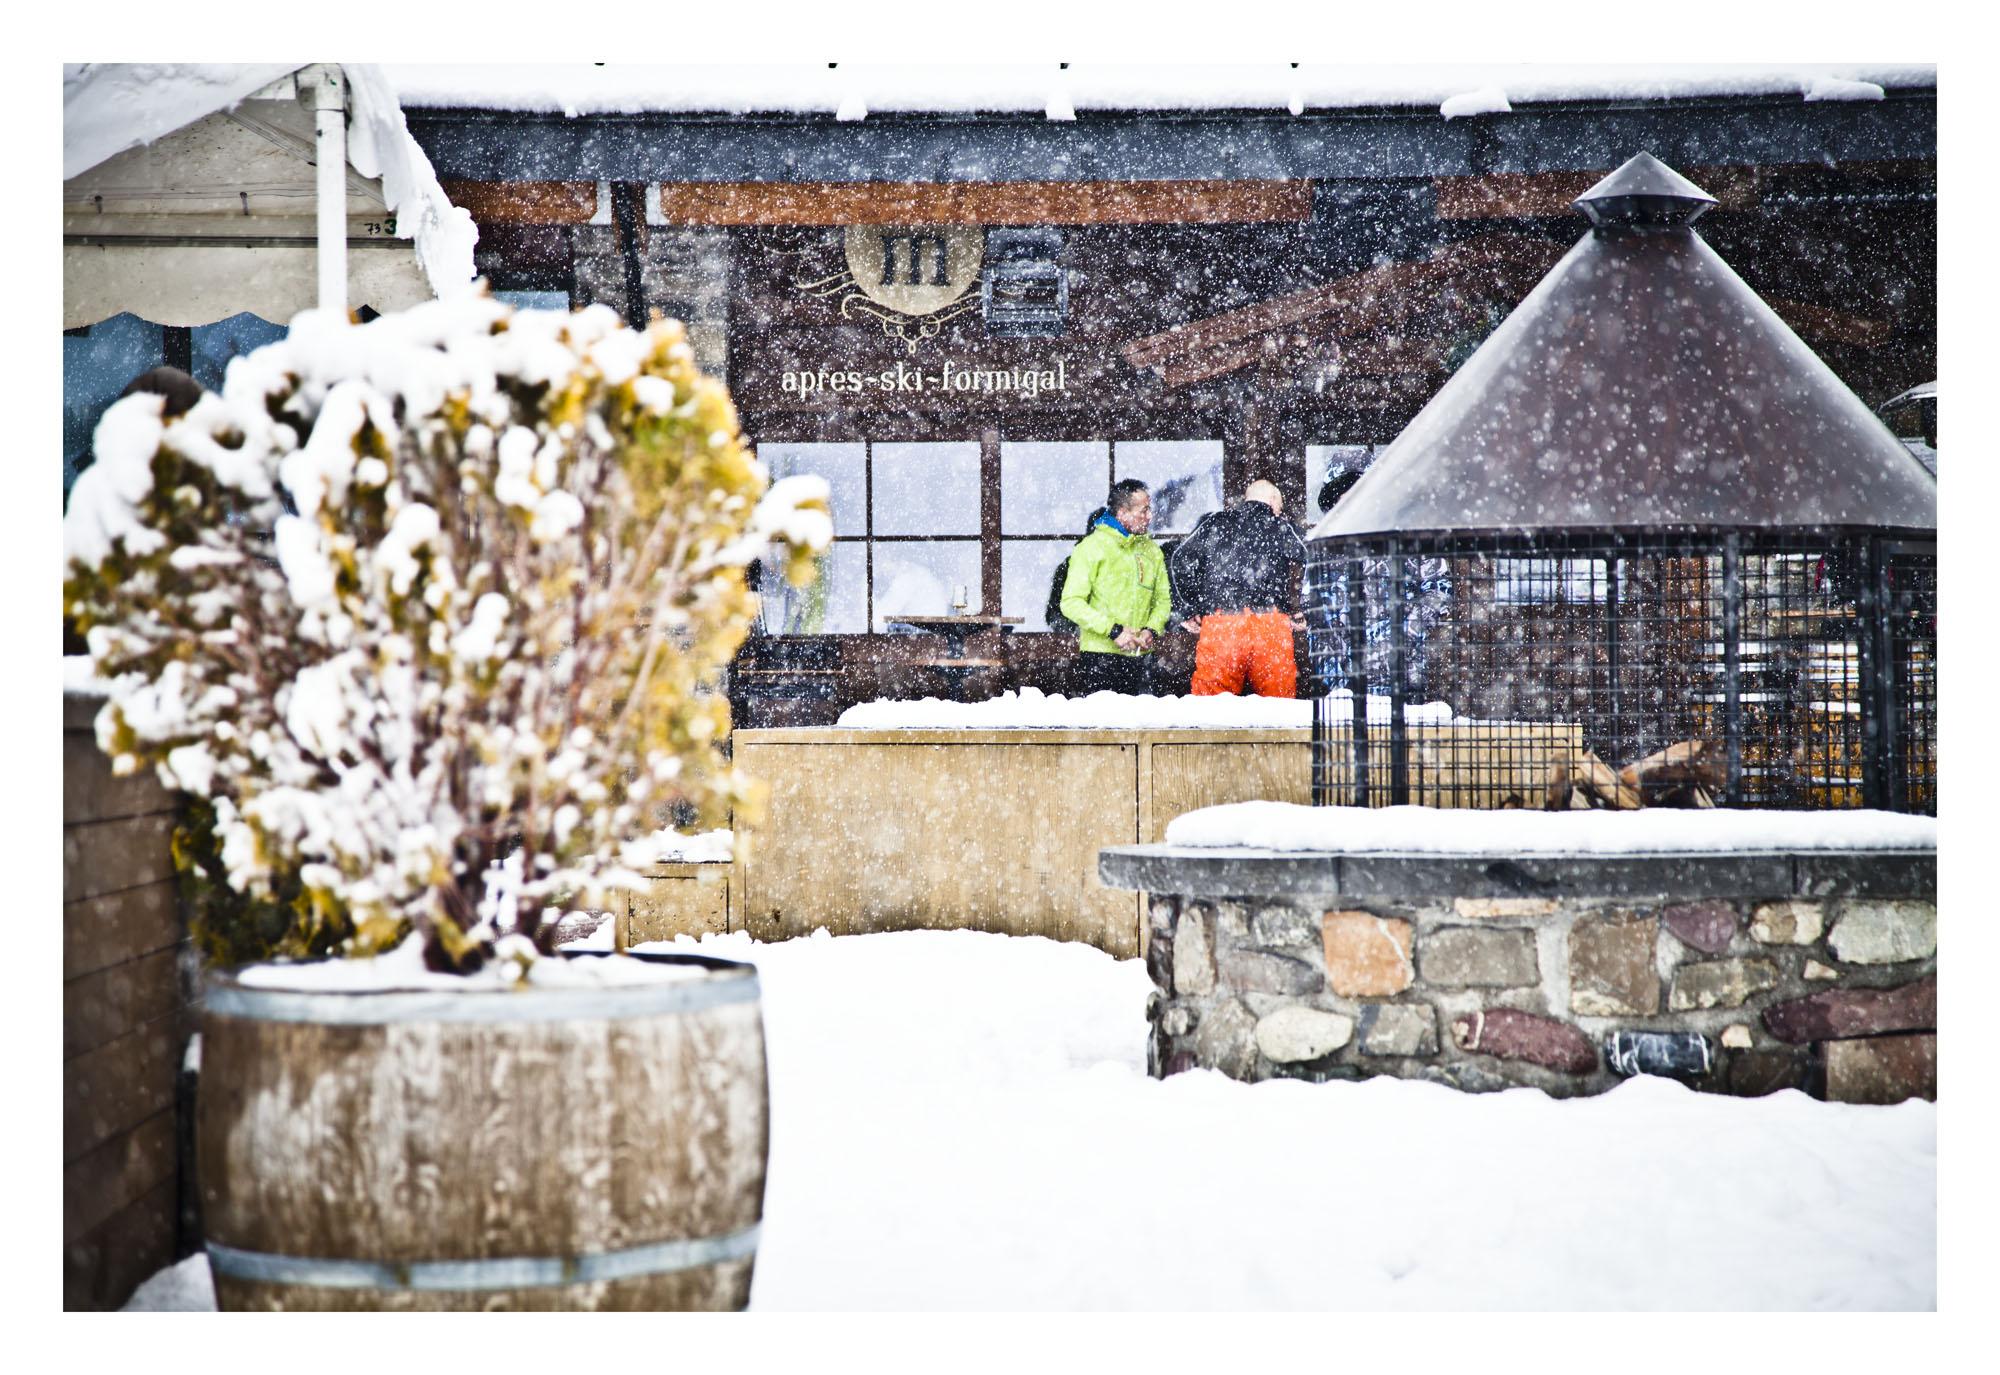 nevando hoy en Sextas, Formigal